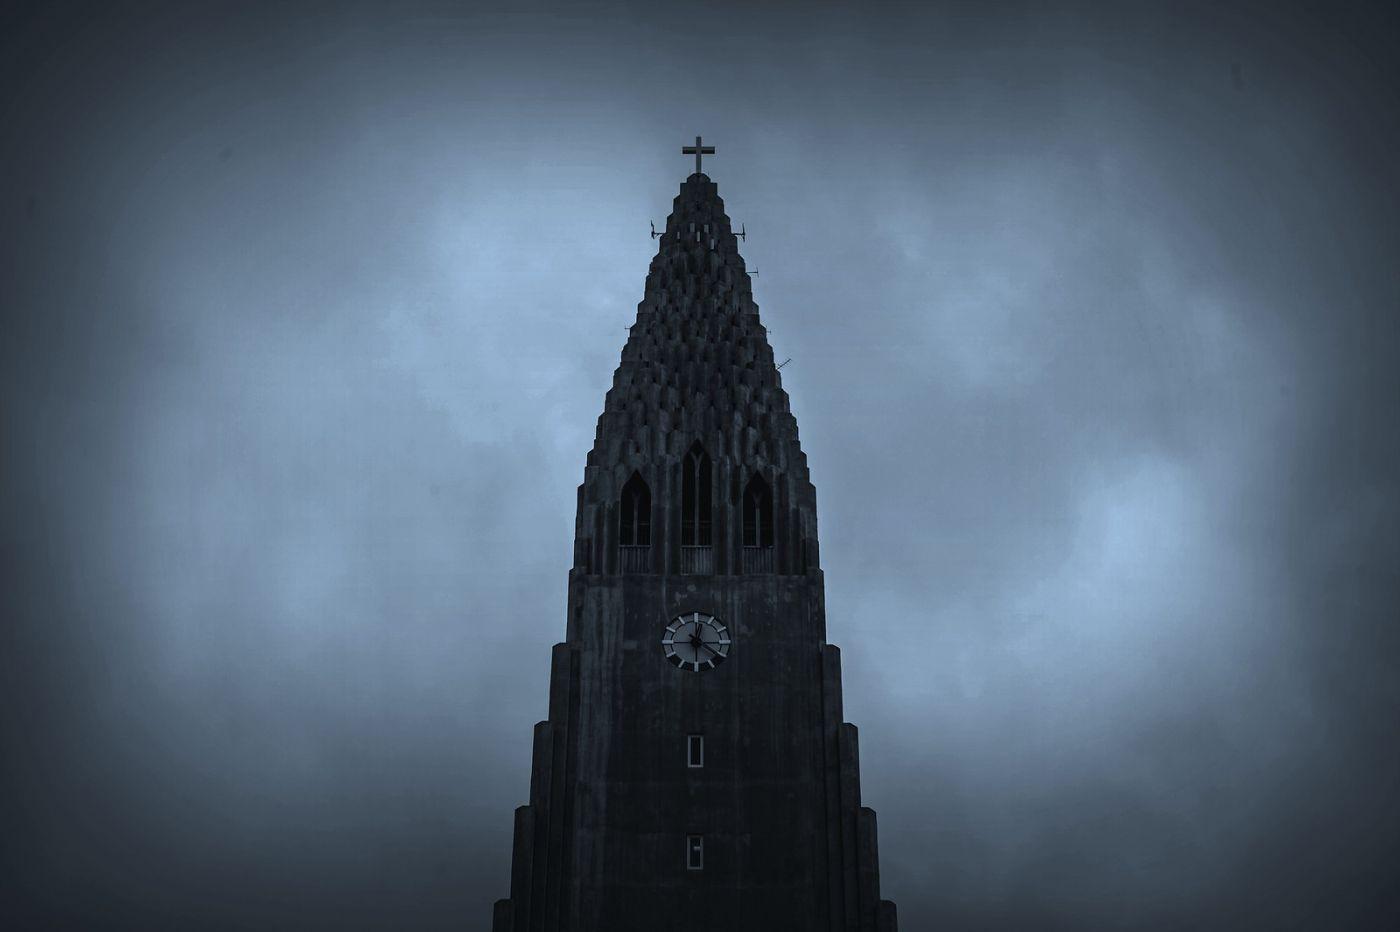 冰岛Hallgrimskirkja教堂,超奇特的建筑_图1-14